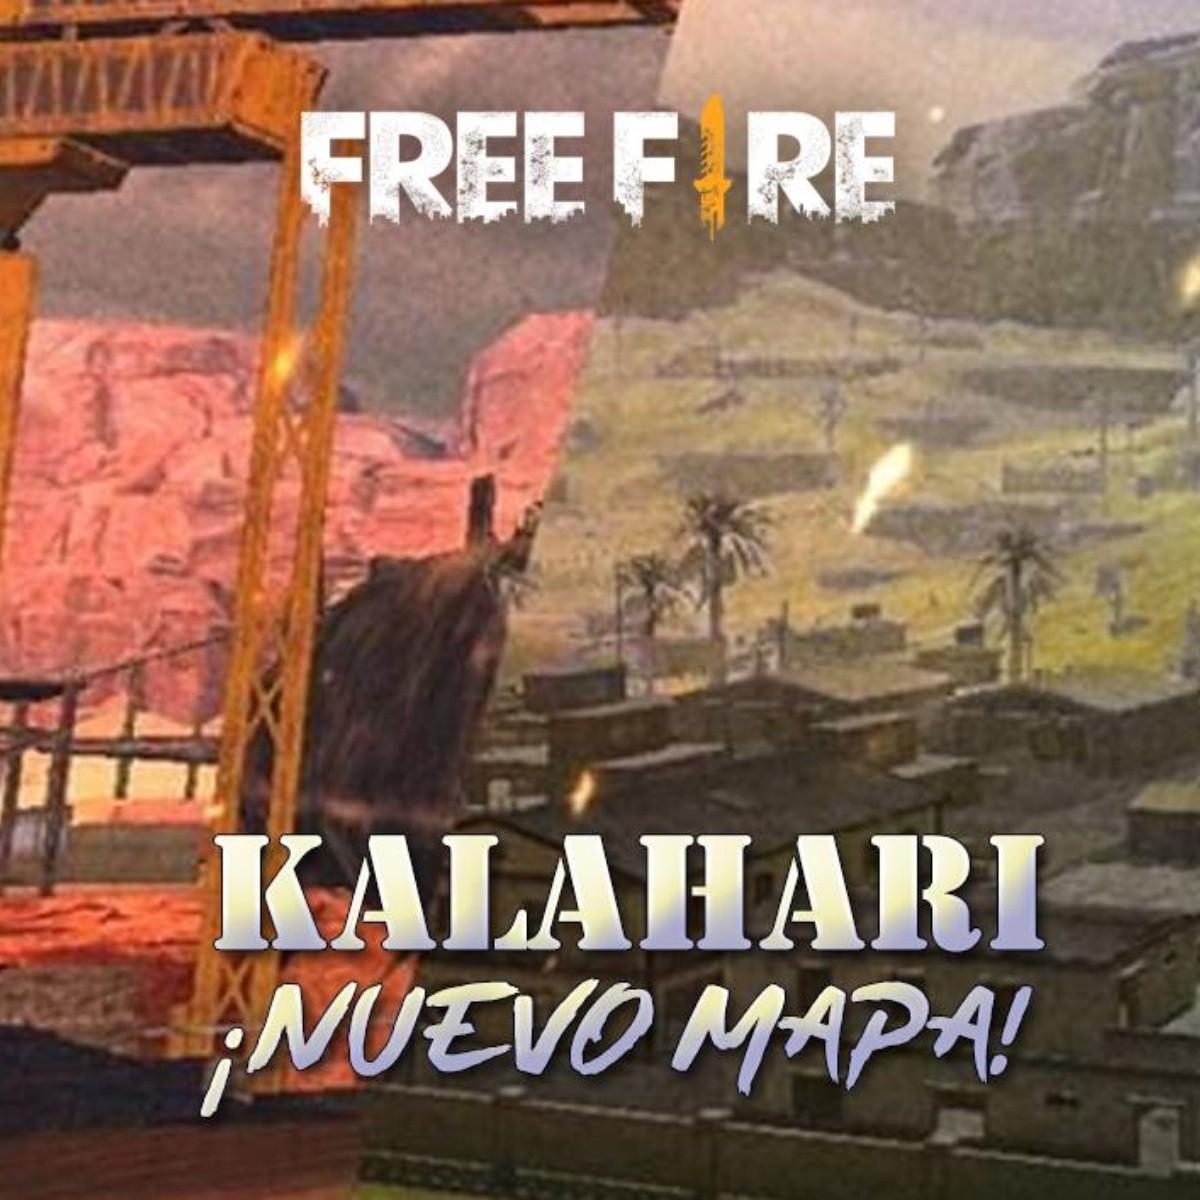 Desierto De Kalahari Mapa.Nuevo Mapa Llega A Free Fire Preparate Para El Desierto De